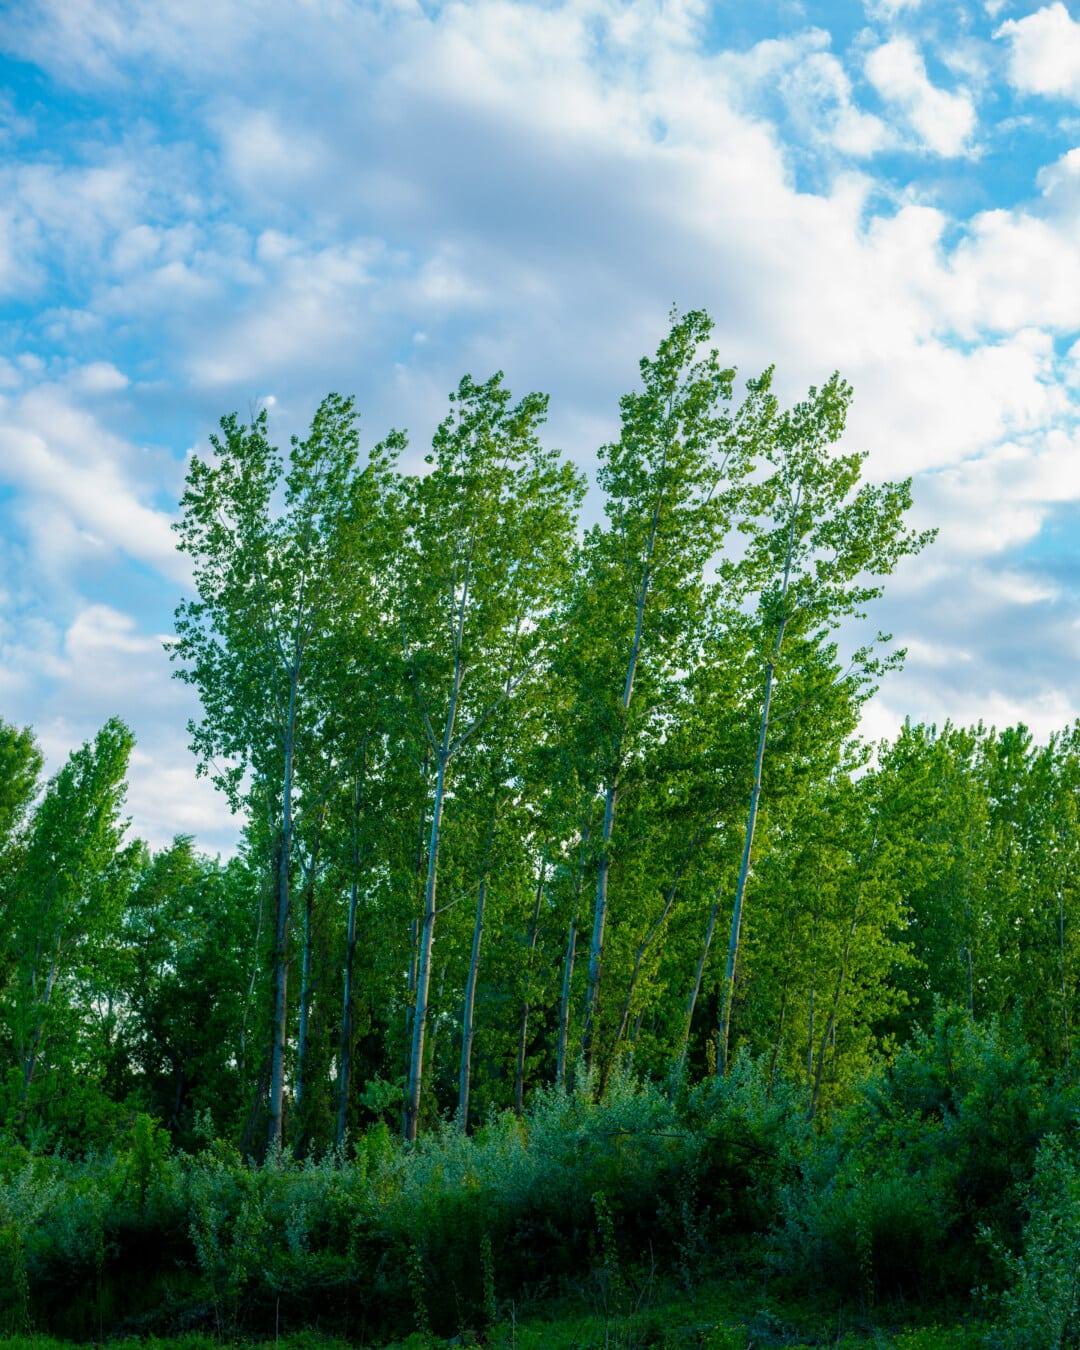 arbres, verdure, peuplier, feuilles vertes, vent, ciel bleu, printemps, feuille, bois, forêt